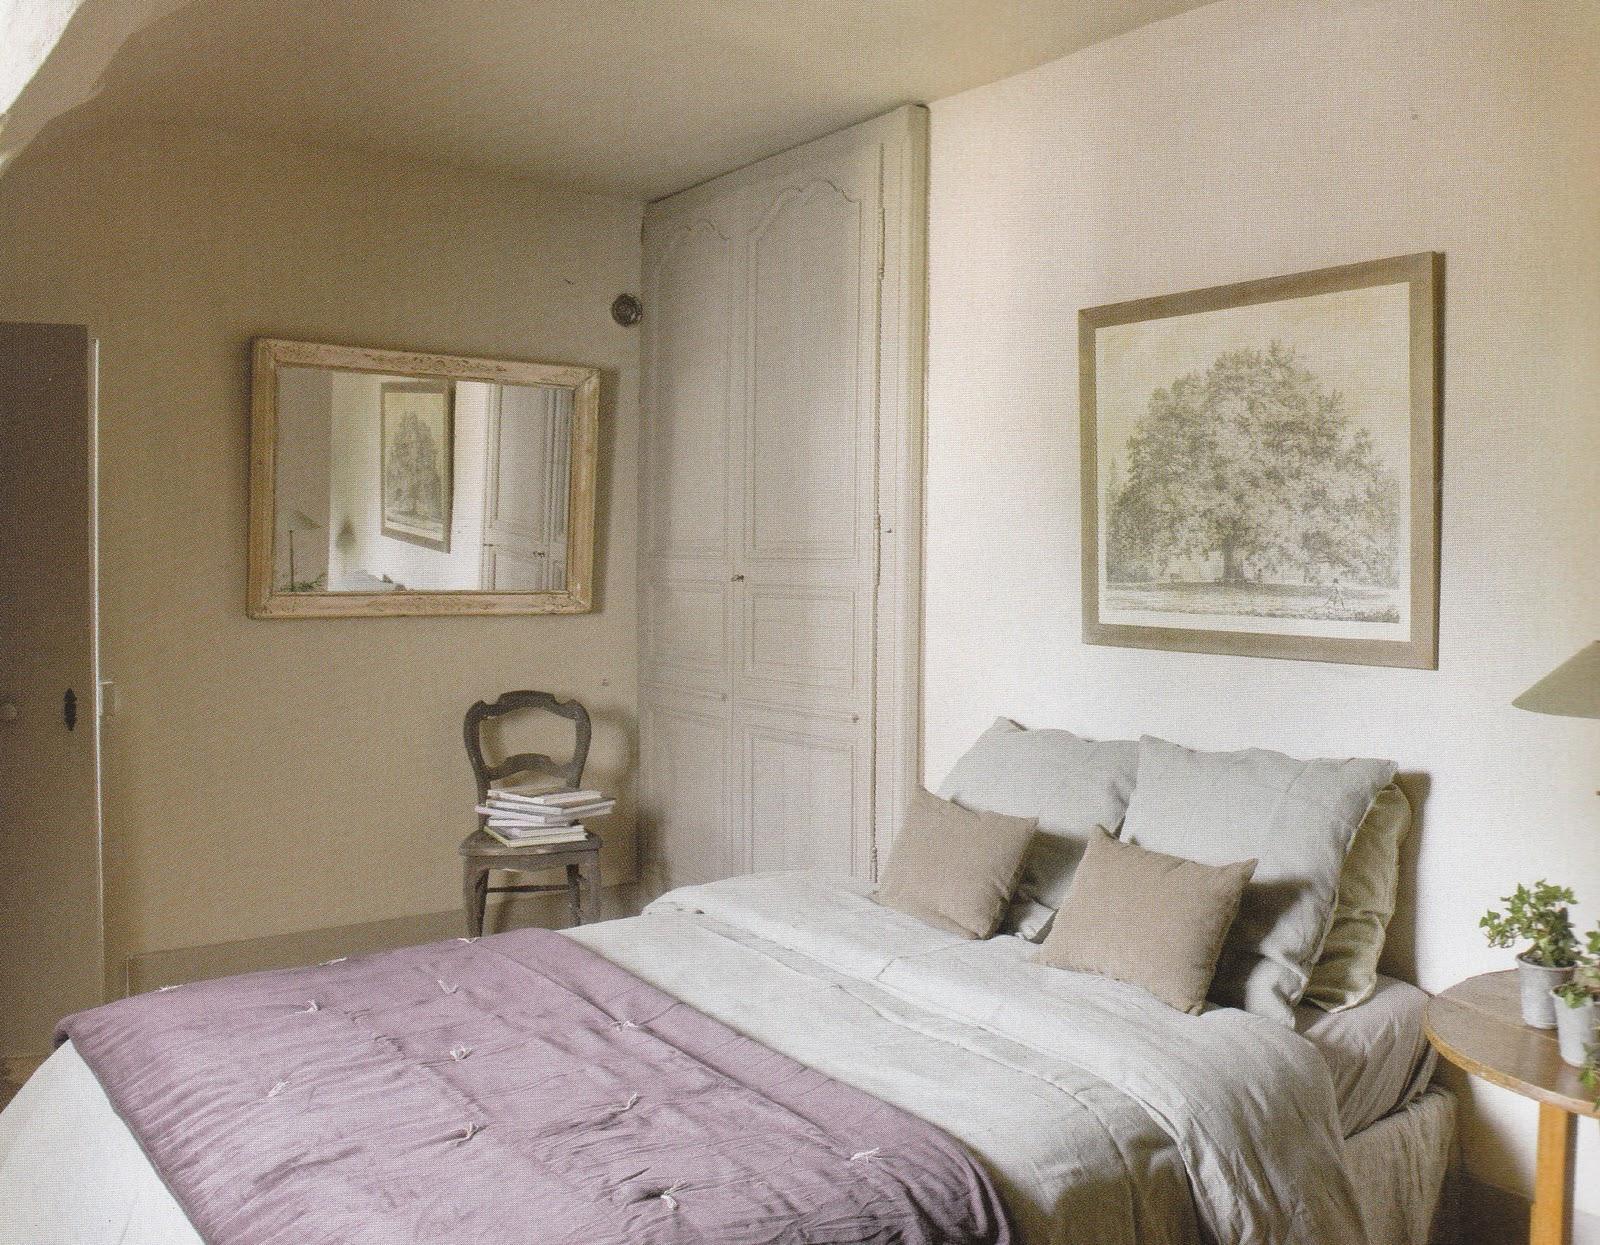 isabelle h d coration et home staging novembre 2011. Black Bedroom Furniture Sets. Home Design Ideas